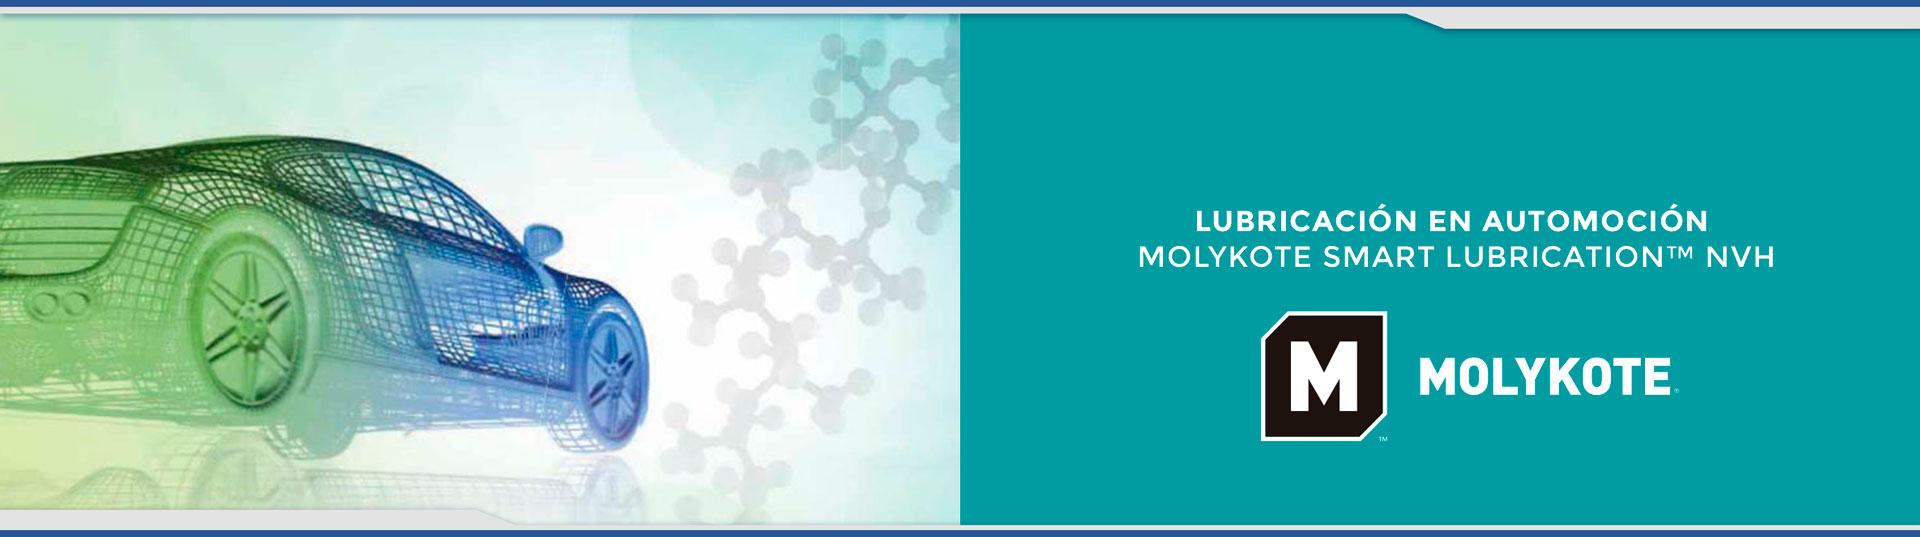 molykote-lubricacion-automocion